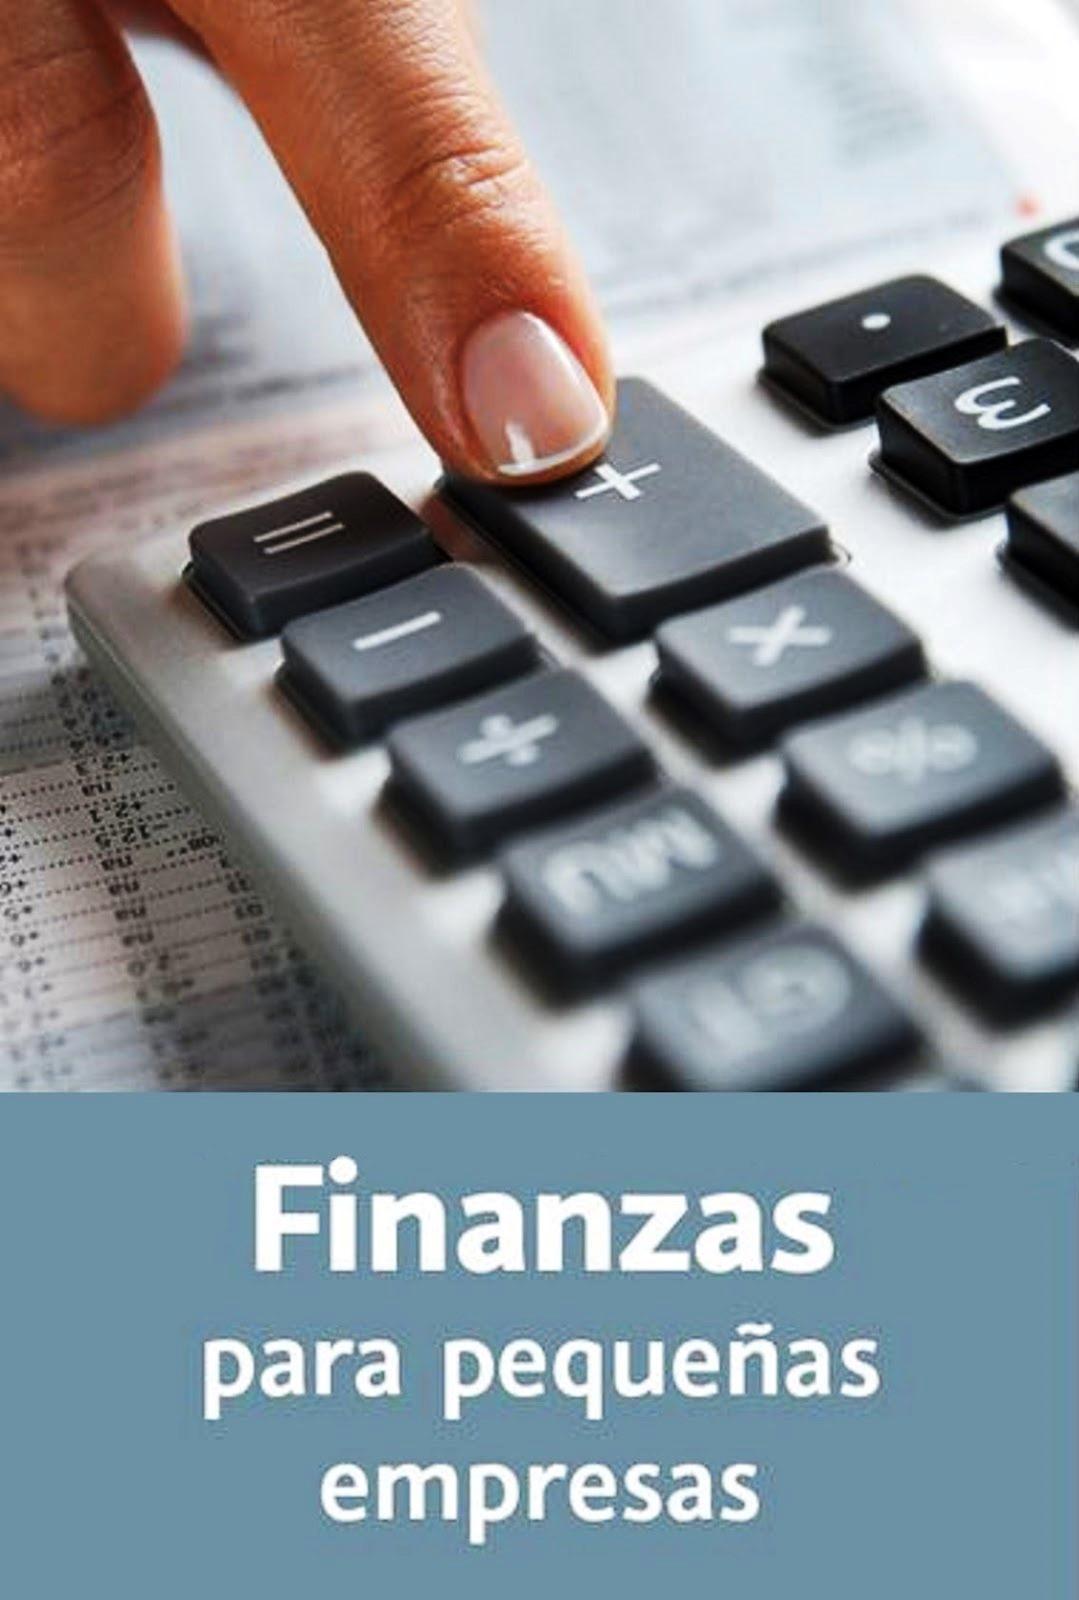 Video2Brain: Finanzas para pequeñas empresas – 2016